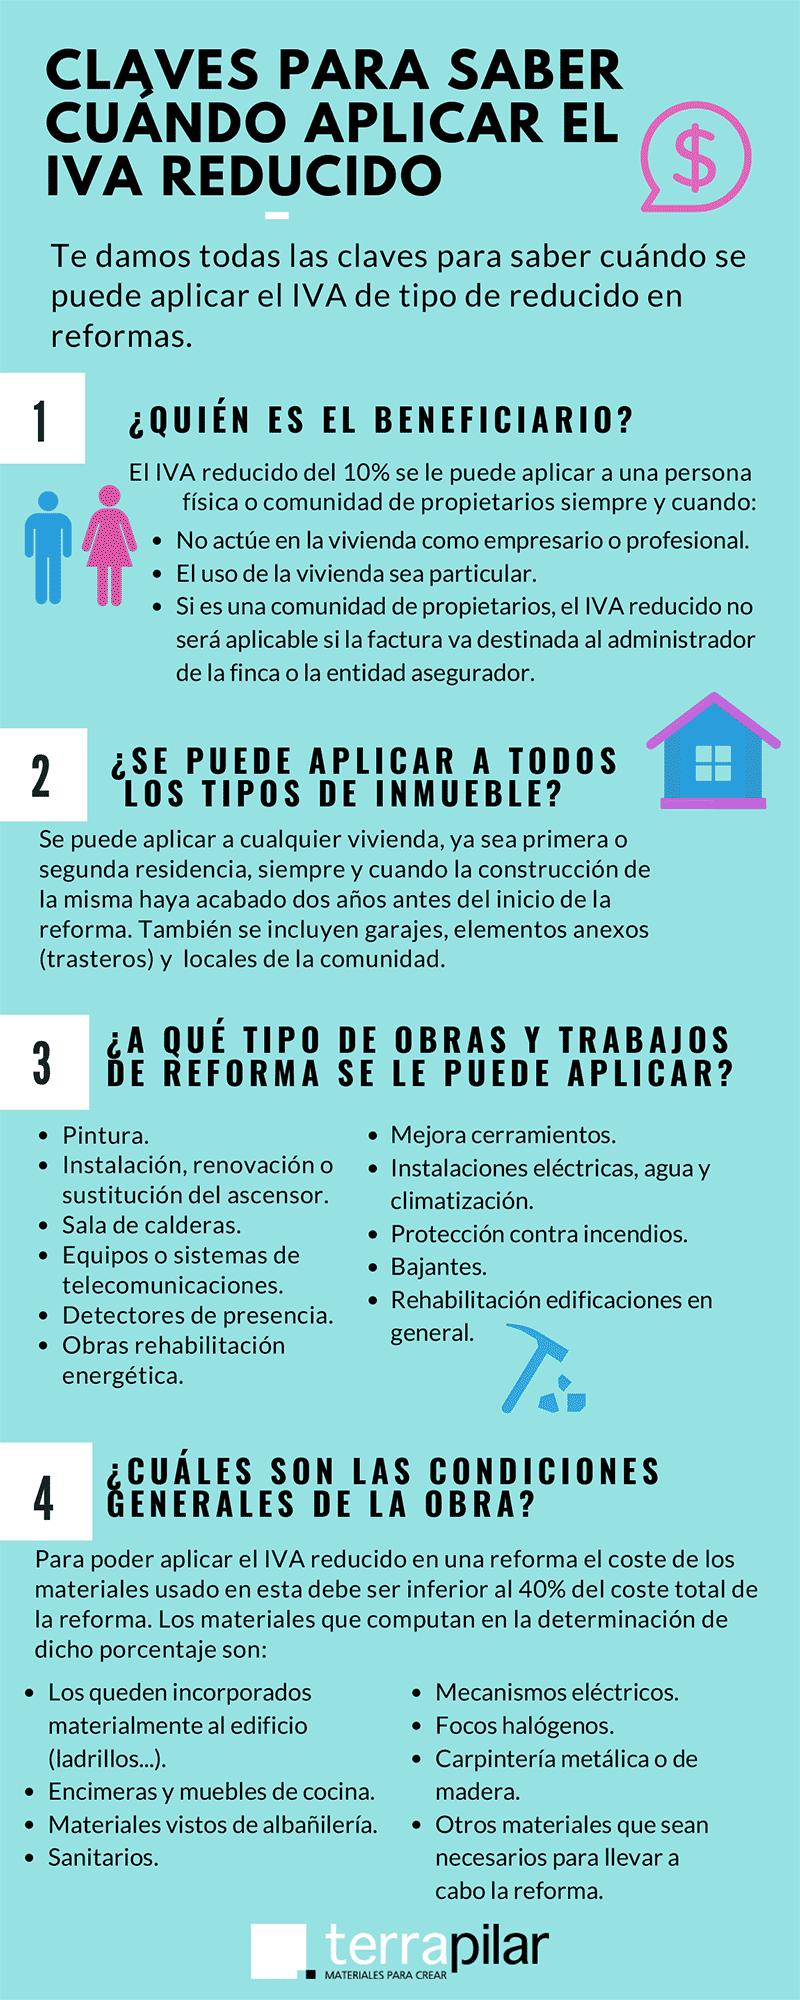 infografía con las claves para saber cuándo se aplica el iva reducido en reformas